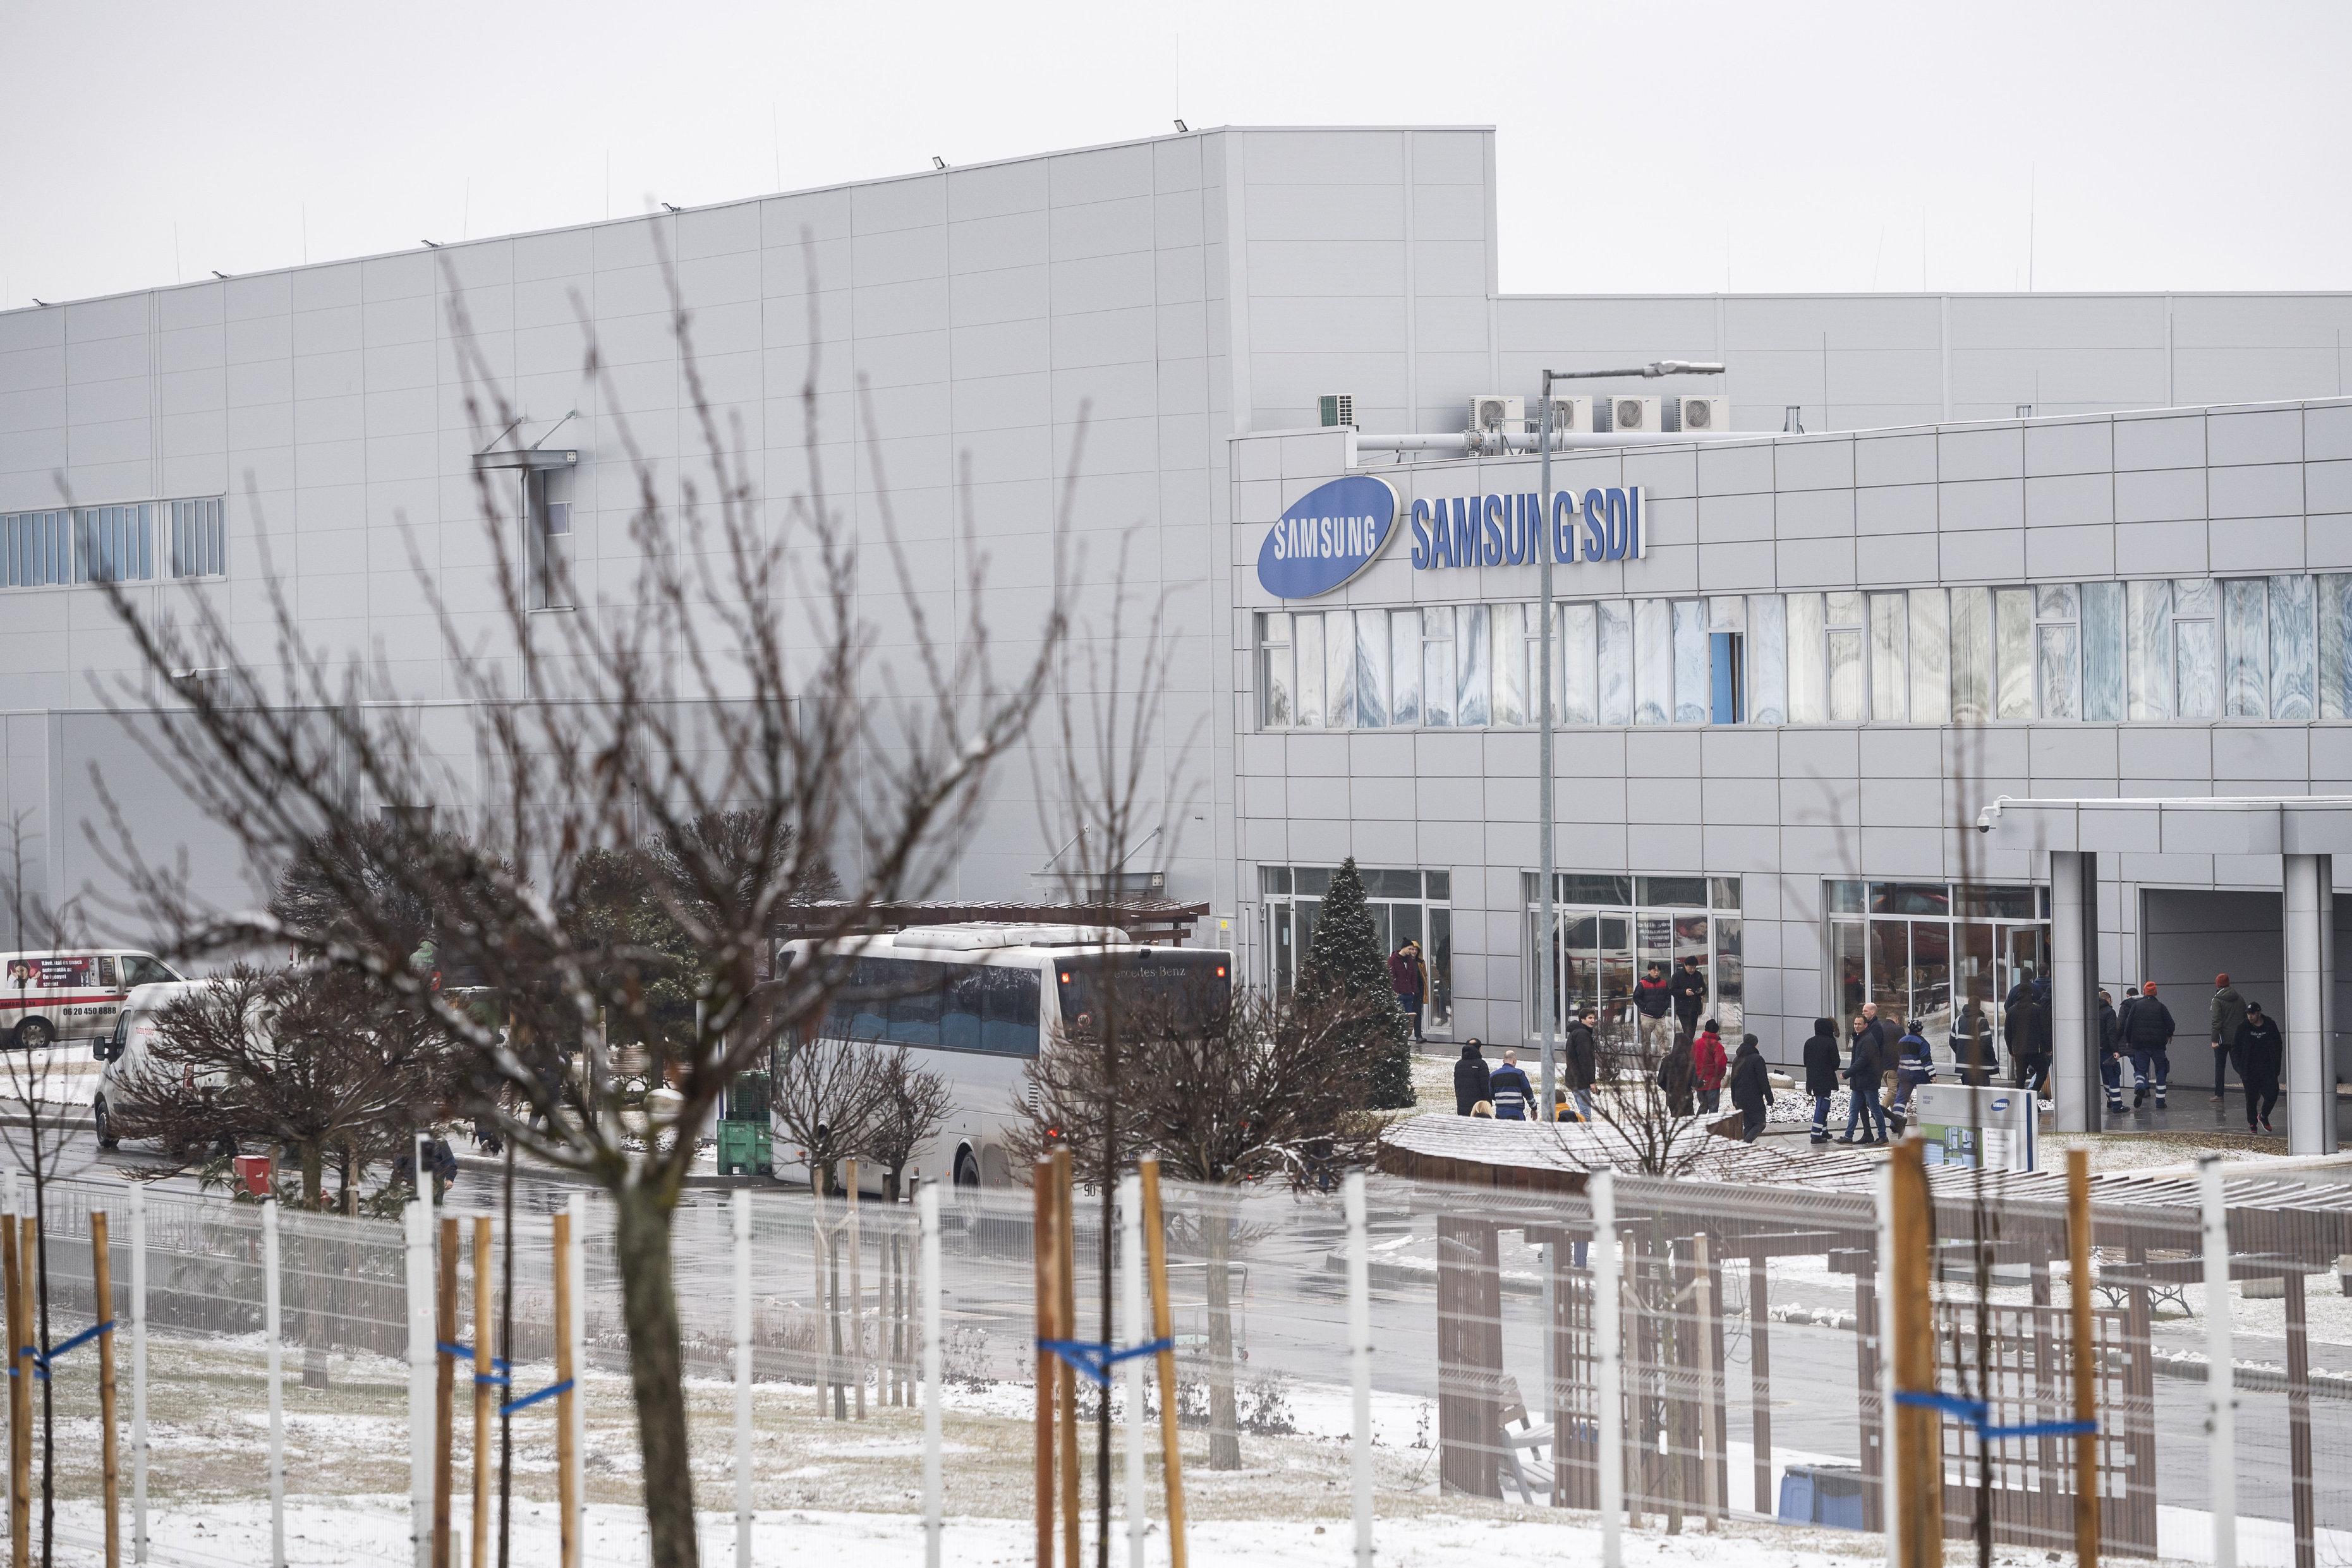 Szivárgott az elektrolit a Samsung gödi akkumulátorgyárában